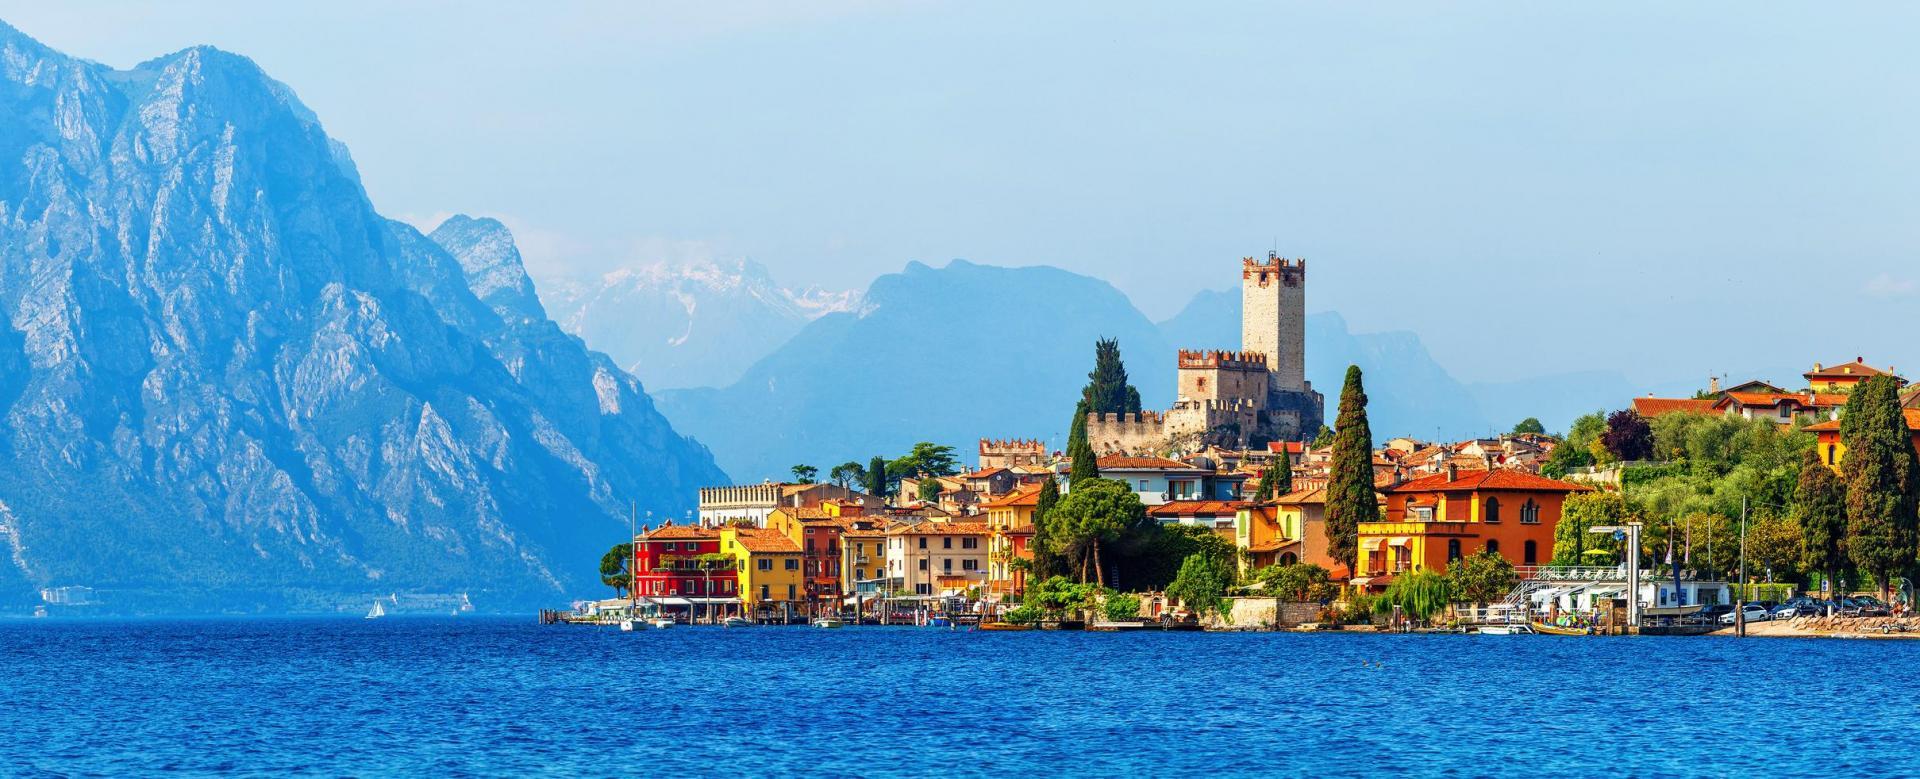 Voyage à vélo : Bolzano-venise à vélo et rives du lac de garde